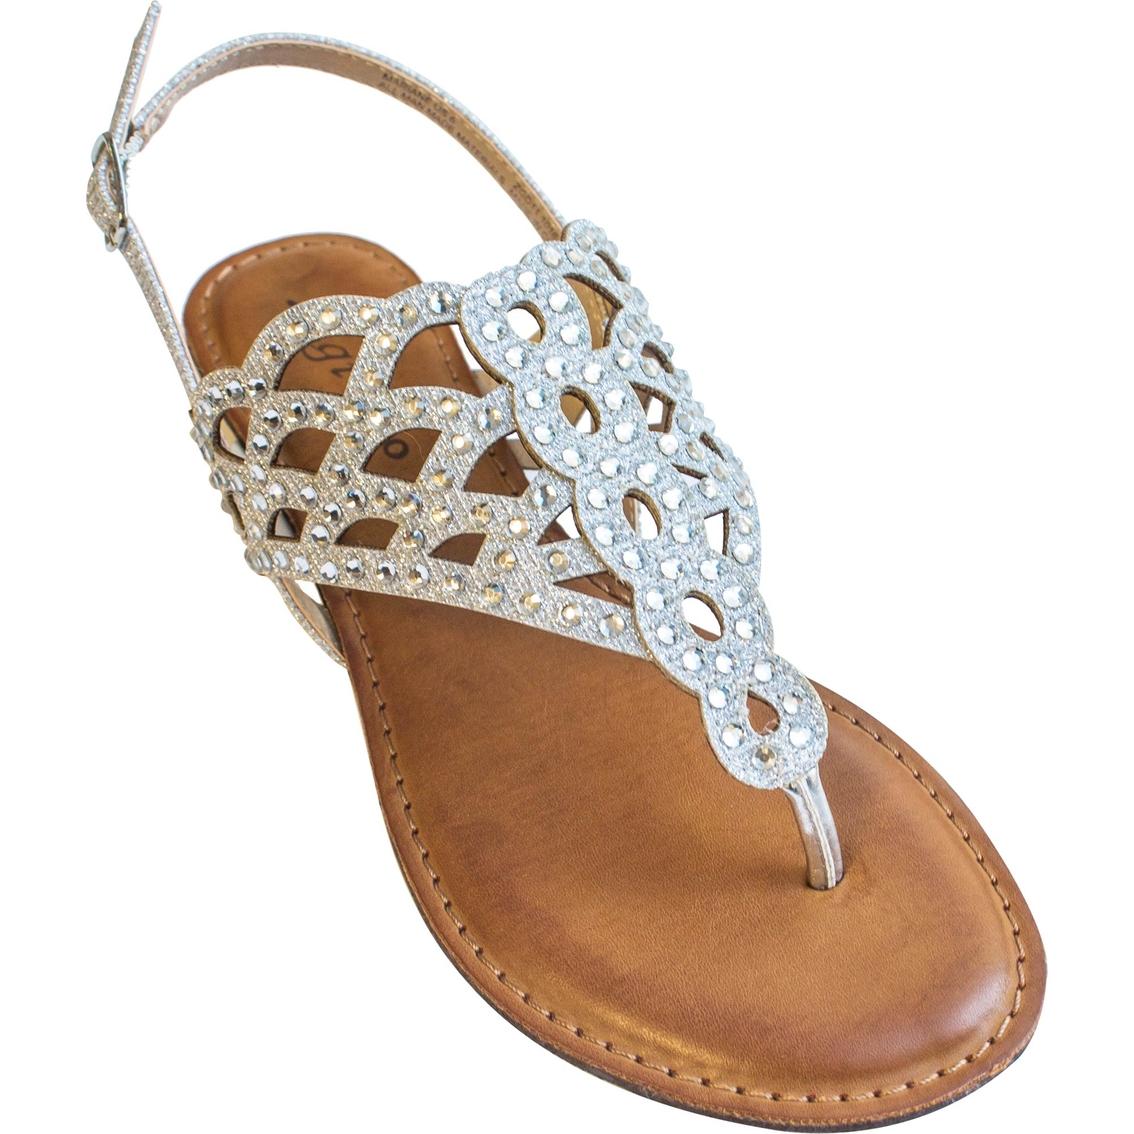 28420cb54d3c Zigi Soho Mella Back Zip Laser Cut Thong Sandals